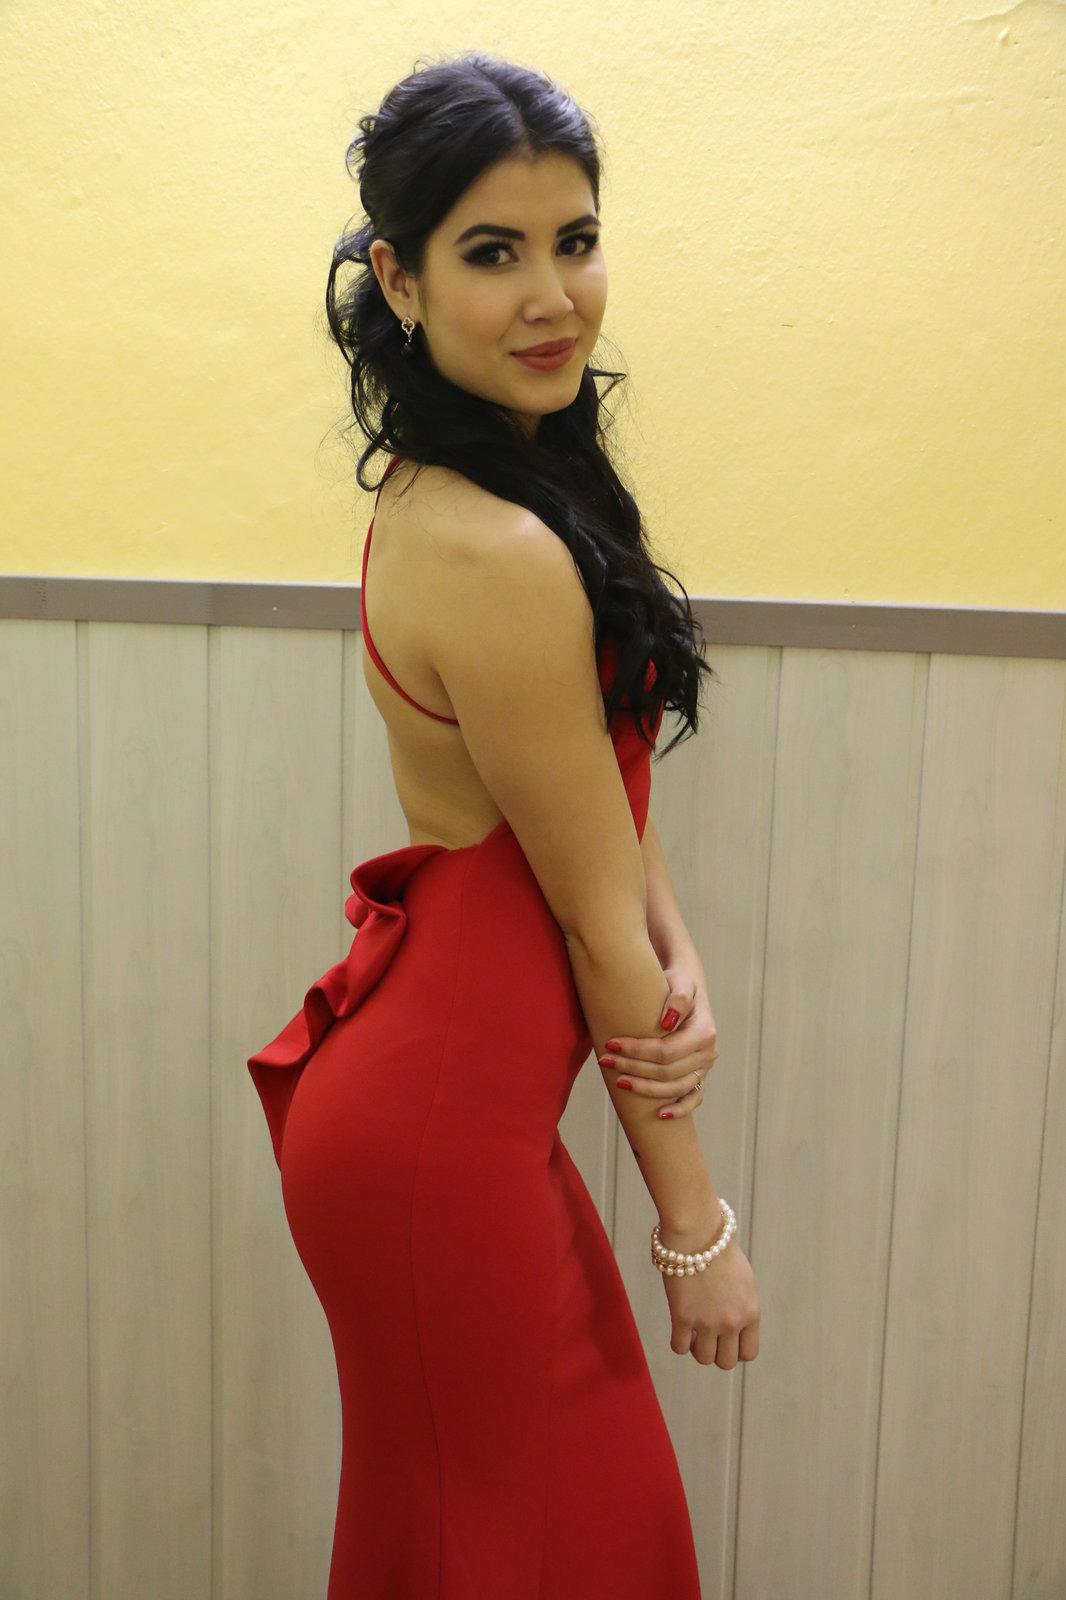 Lady Dee se na pornoplesu v Hodoníně představila v přiléhavých červených šatech.